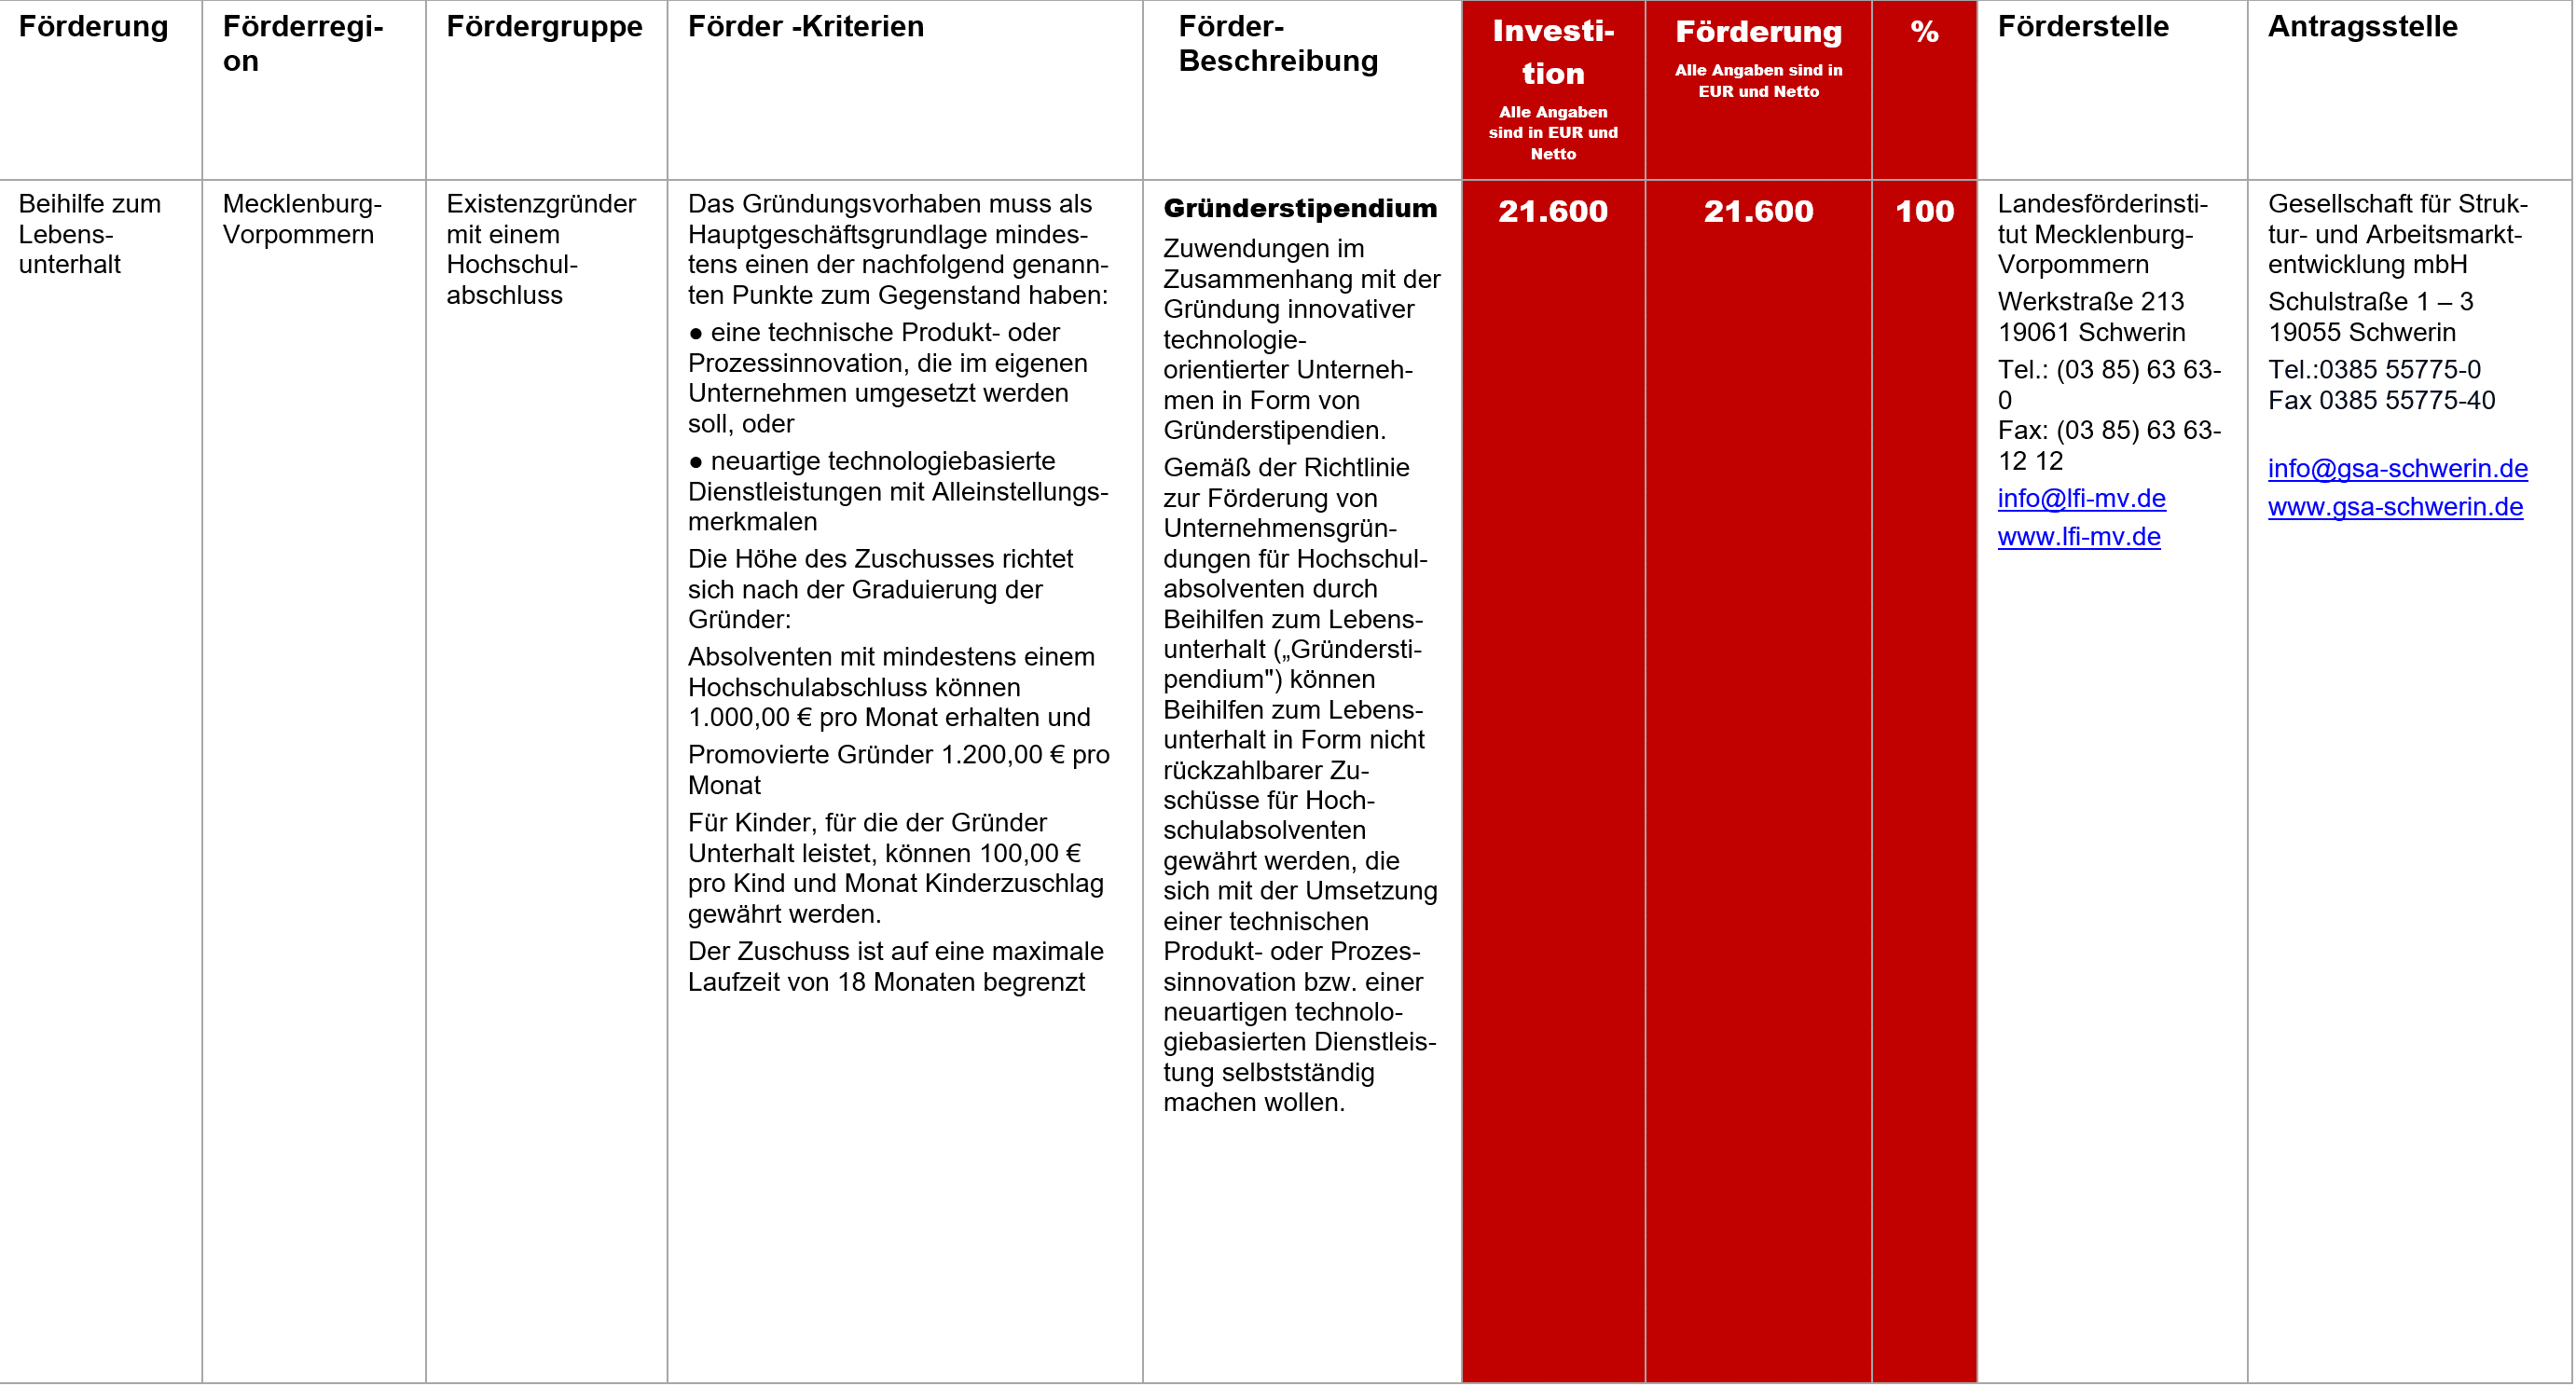 Gründerstipendium, Fördermittel – Gründerstipendium